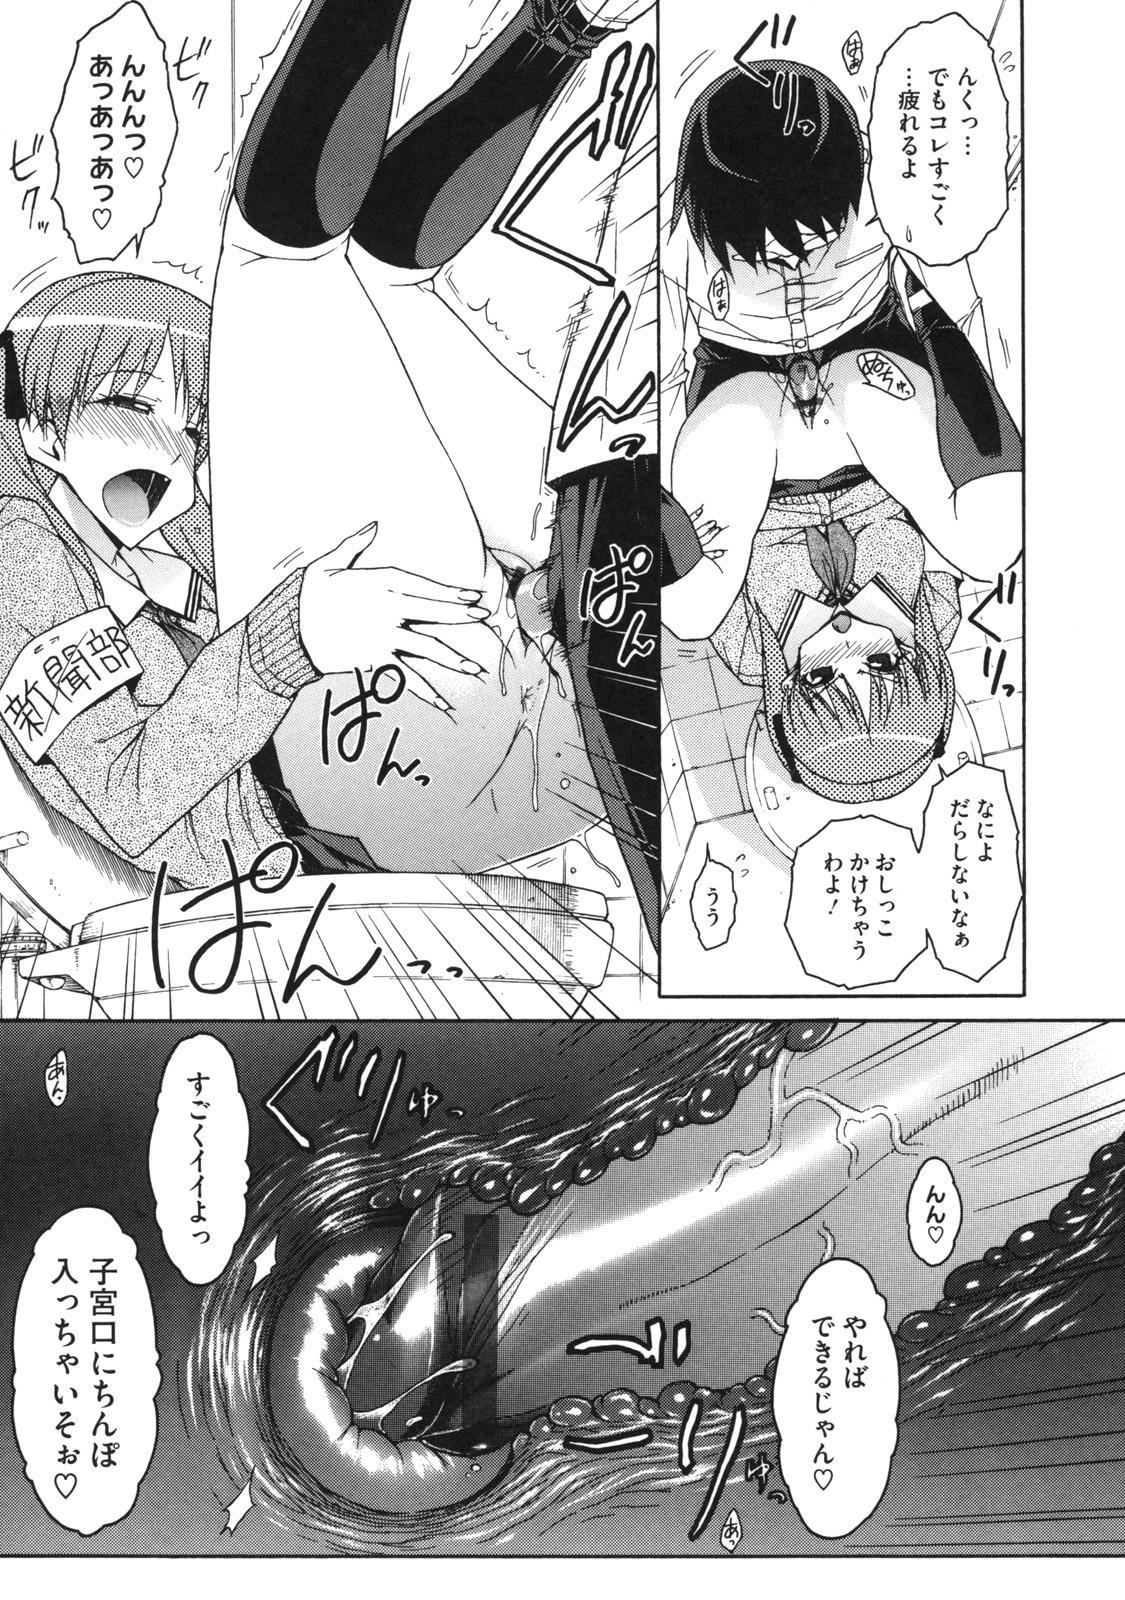 Otome x Hatsujo 194